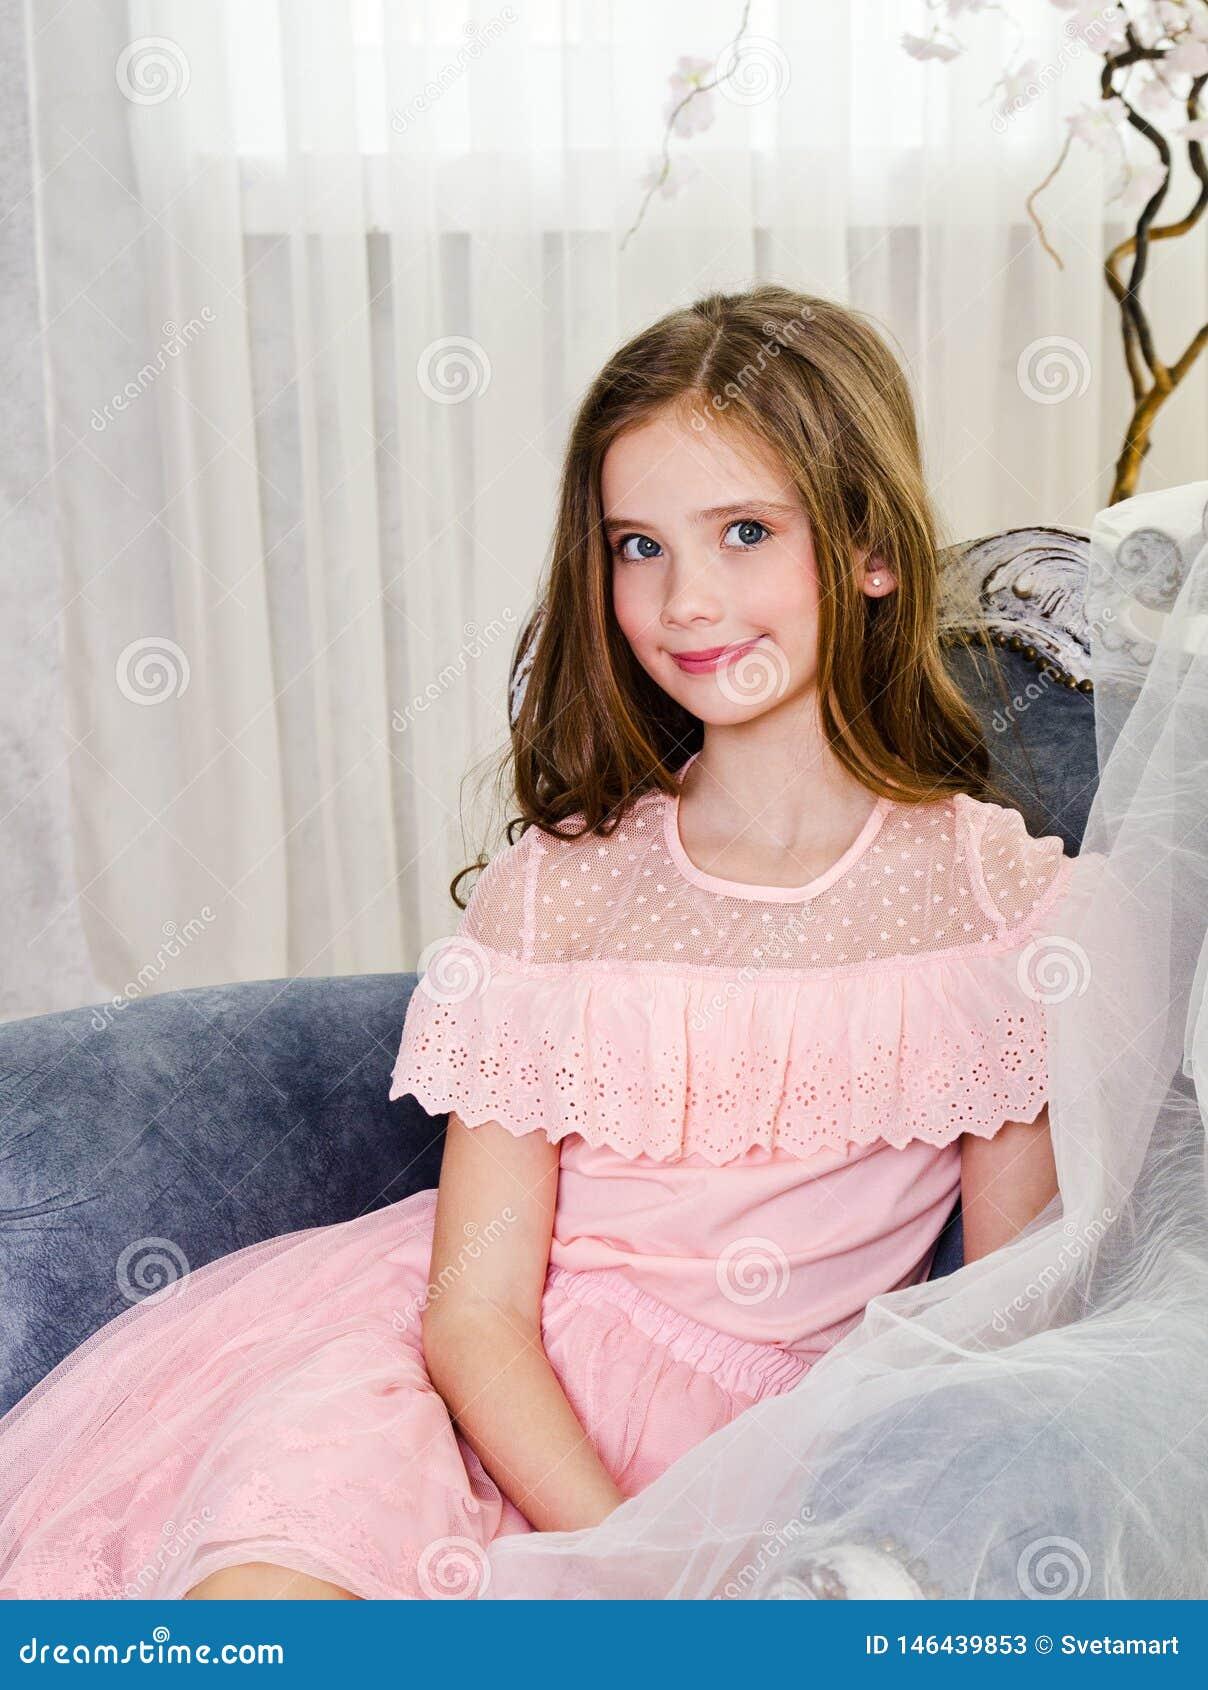 可爱的微笑的女孩孩子画象公主礼服的